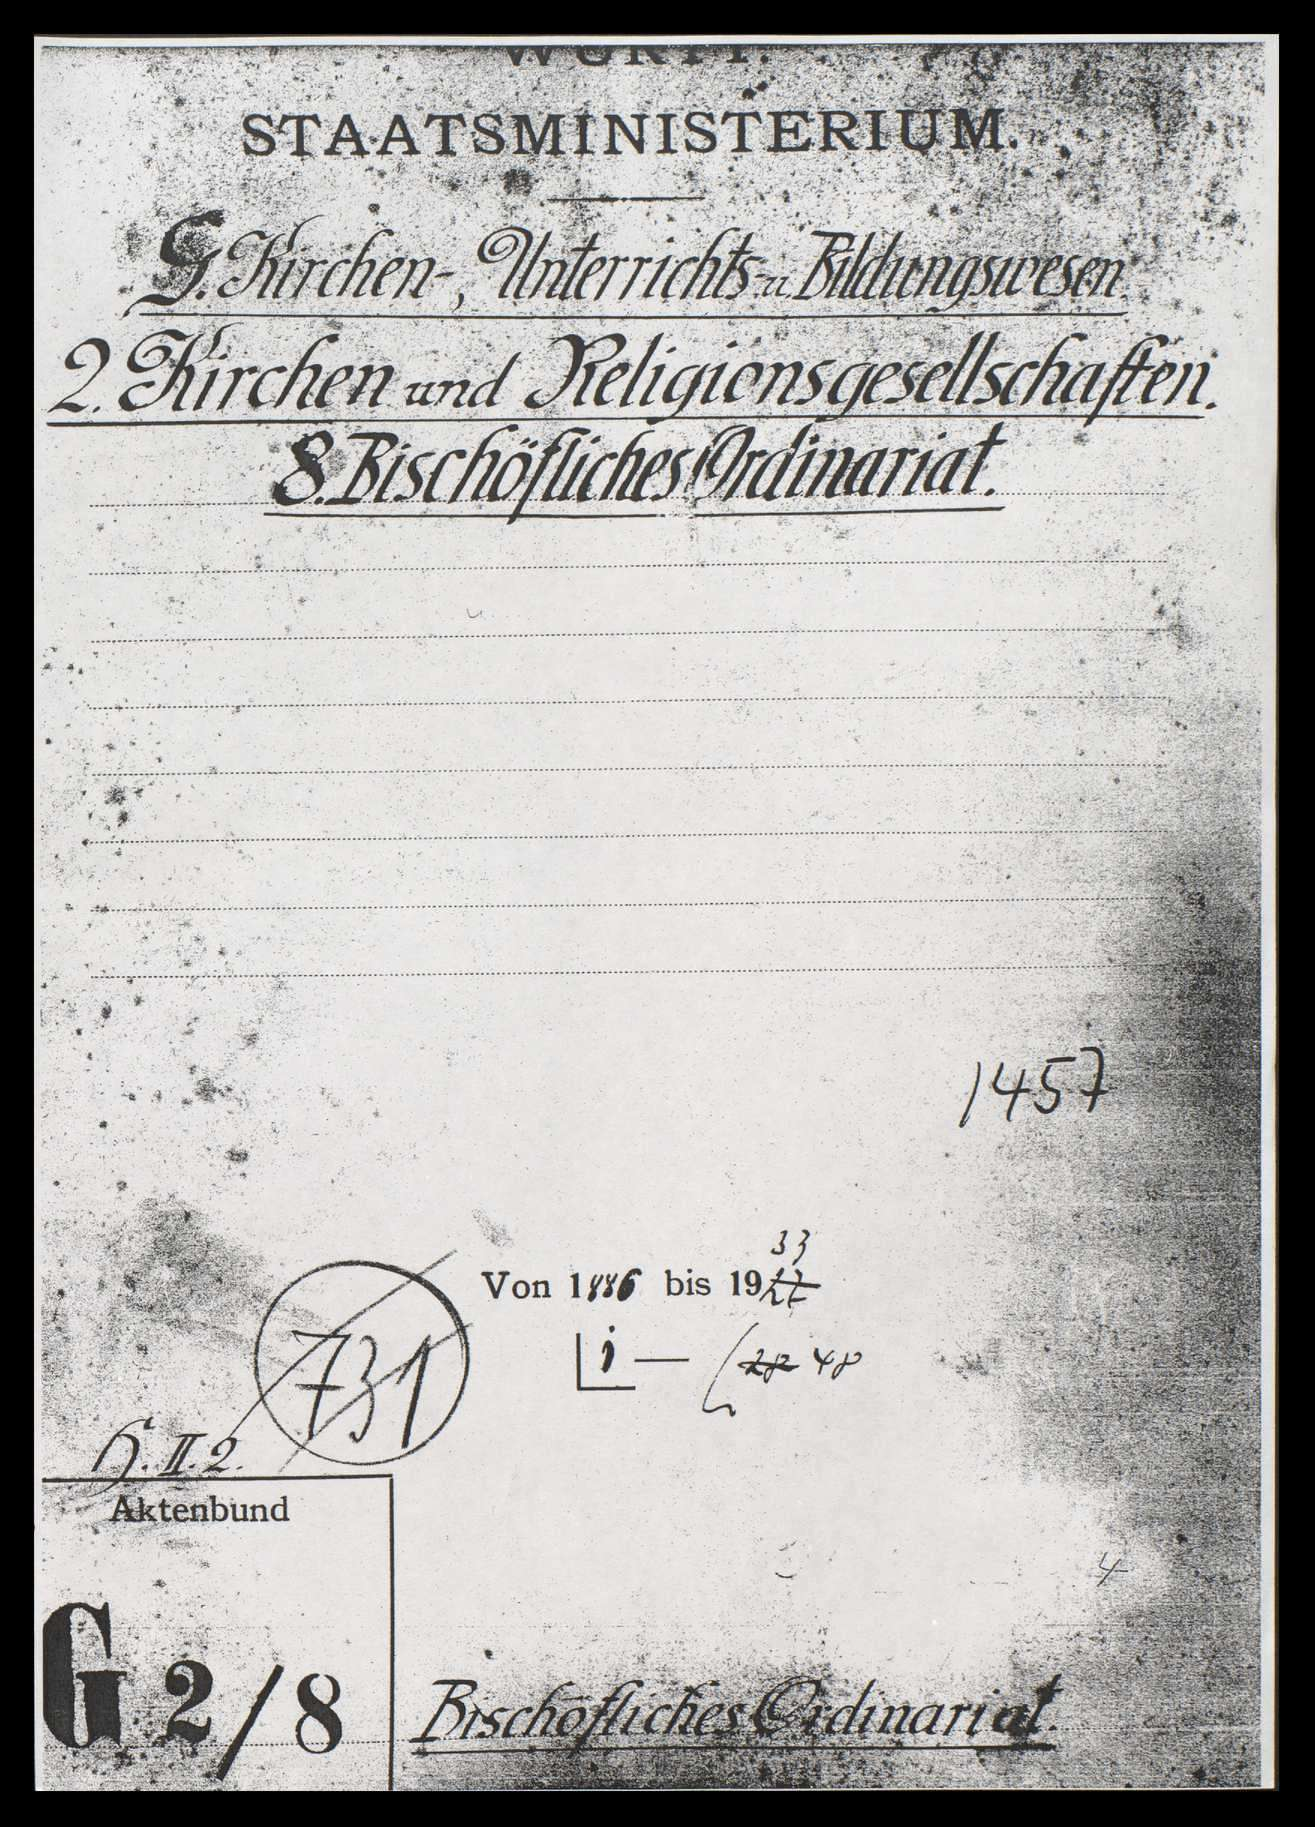 Bischöfliches Ordinariat und Bischof in Rottenburg (mit vielen Zeitungsausschnitten), Bild 1